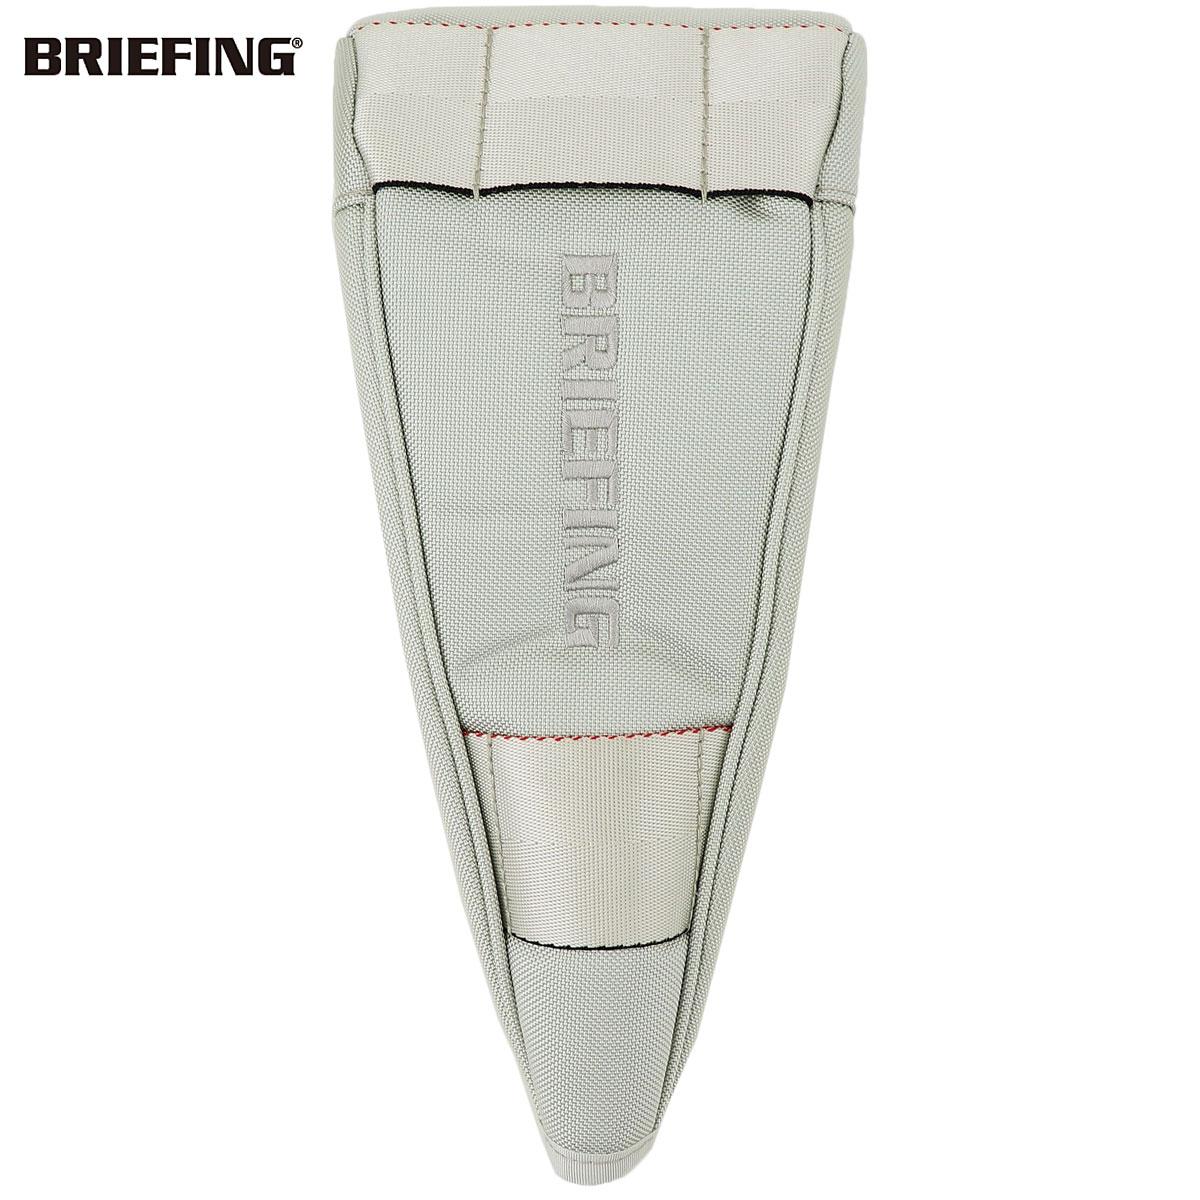 ブリーフィングゴルフ BRIEFING GOLF DRIVER COVER AIR ドライバーカバー PRO SERIES BRG203G10 BRG 006 SILVER(シルバー) 春夏新作